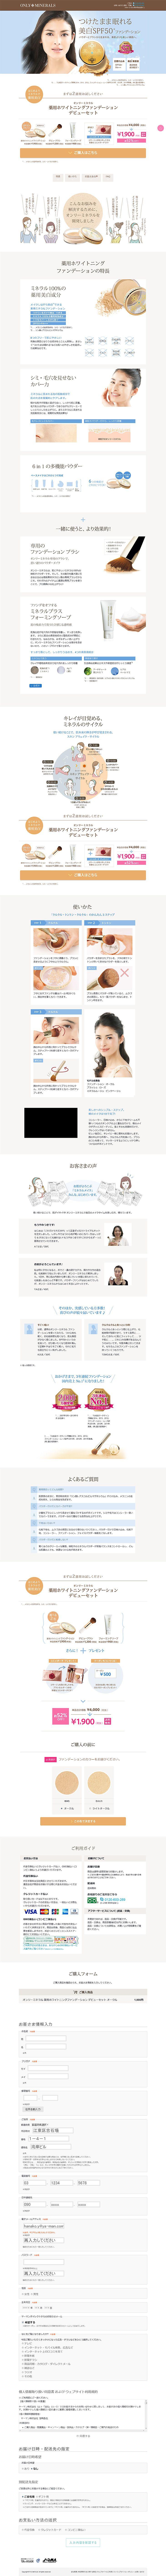 ランディングページ LP 薬用ホワイトニングファンデーションデビューセット スキンケア・美容商品 自社サイト